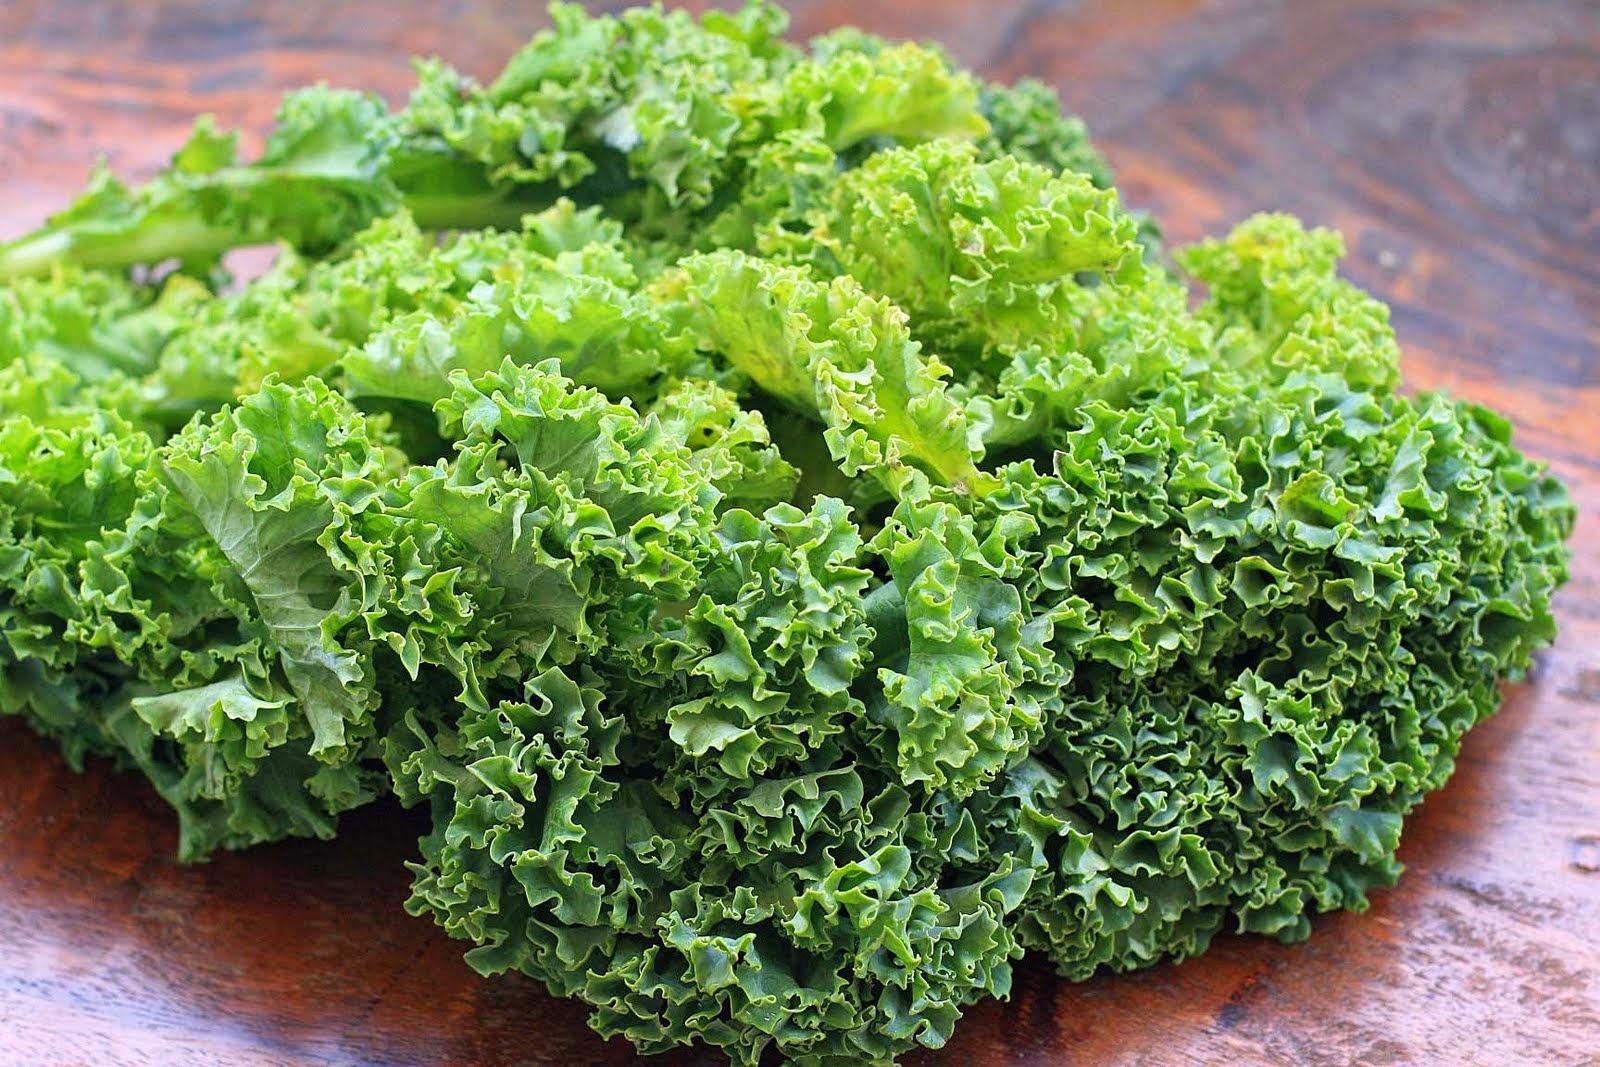 Капуста кейл: польза и вред, химический состав, калорийность, противопоказания